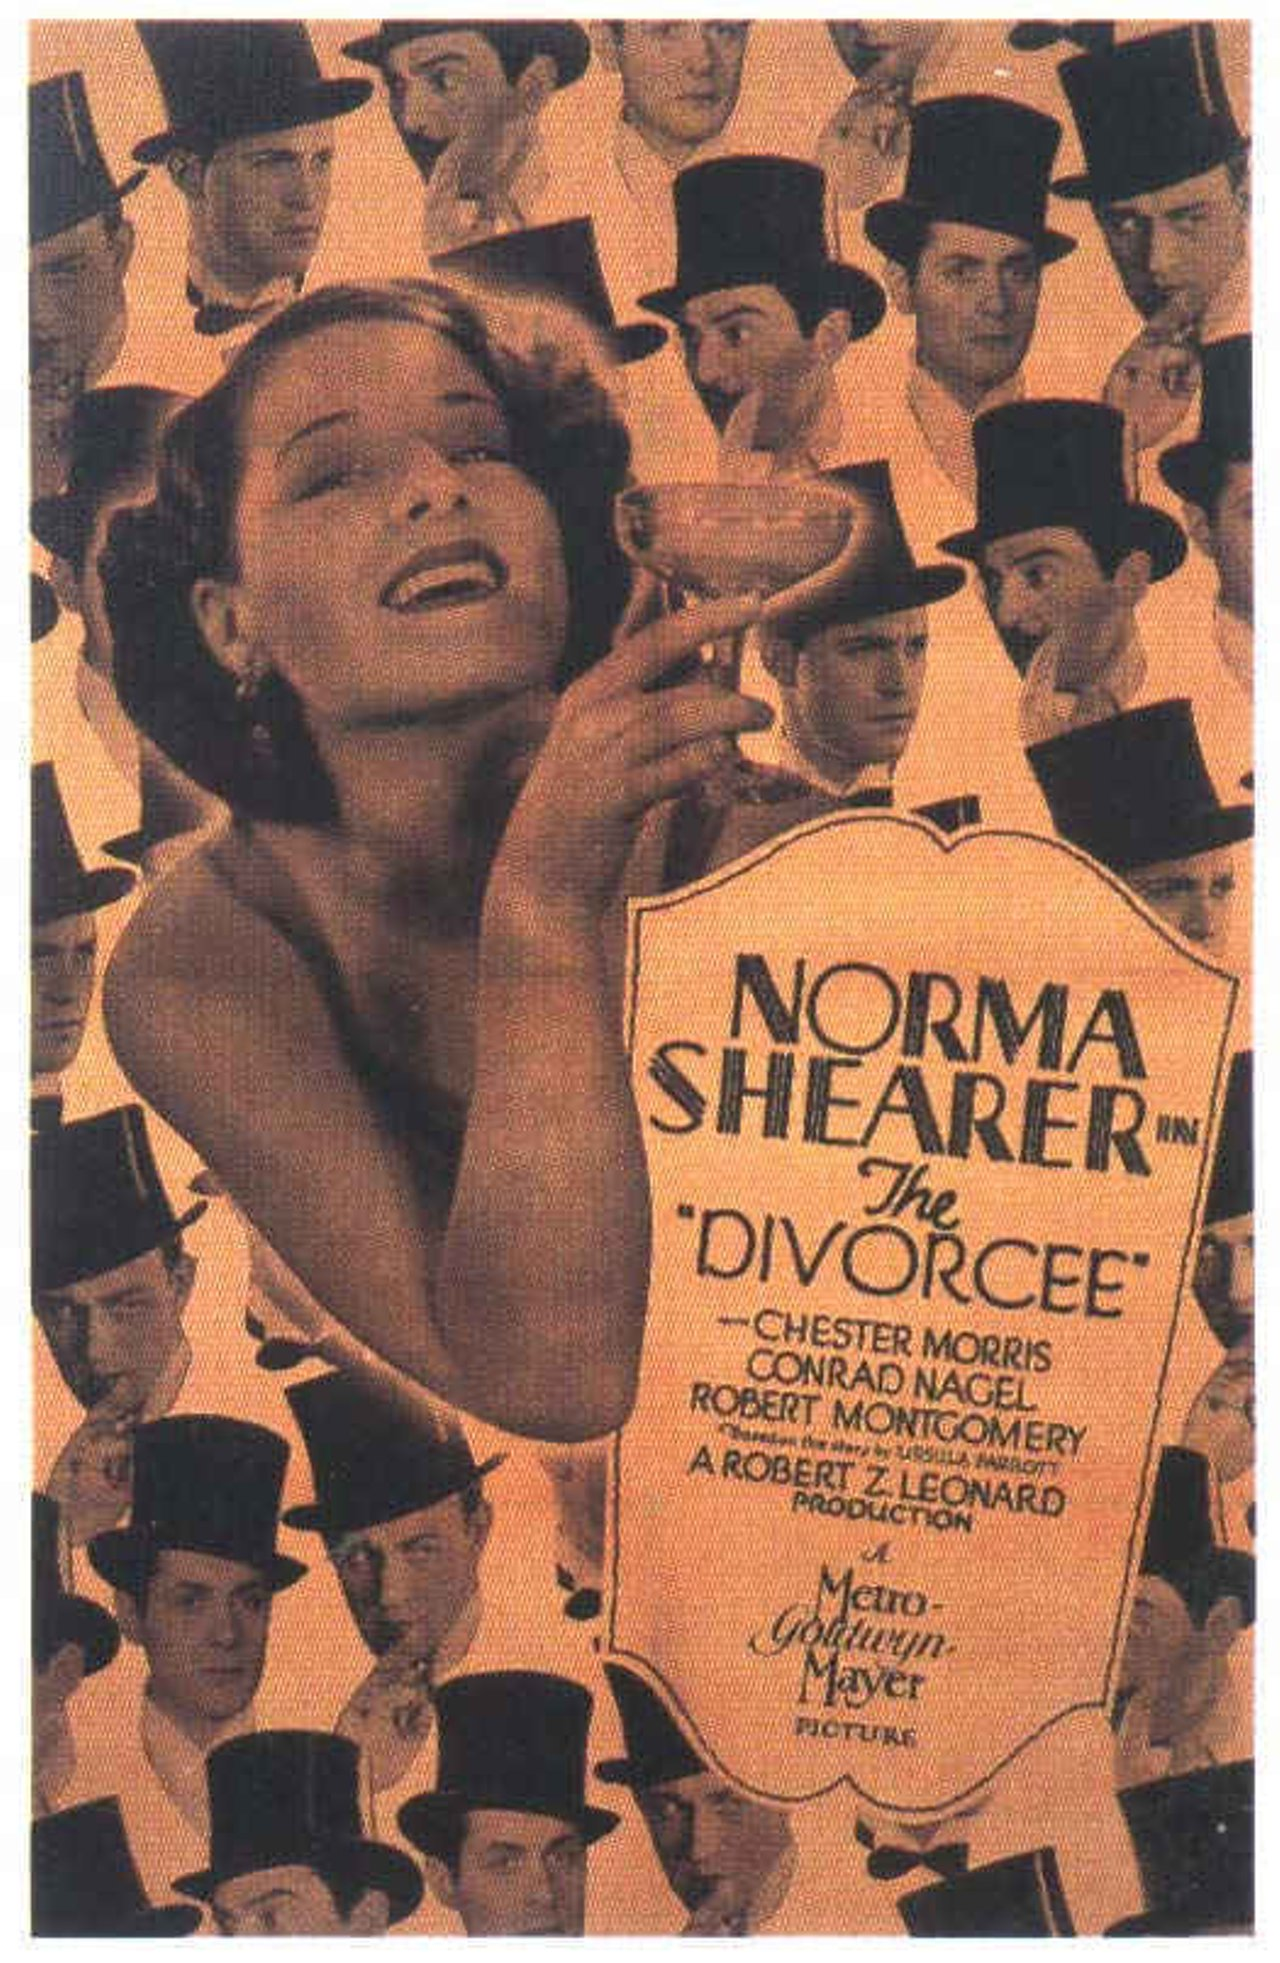 Смотреть онлайн the divorcee 6 фотография